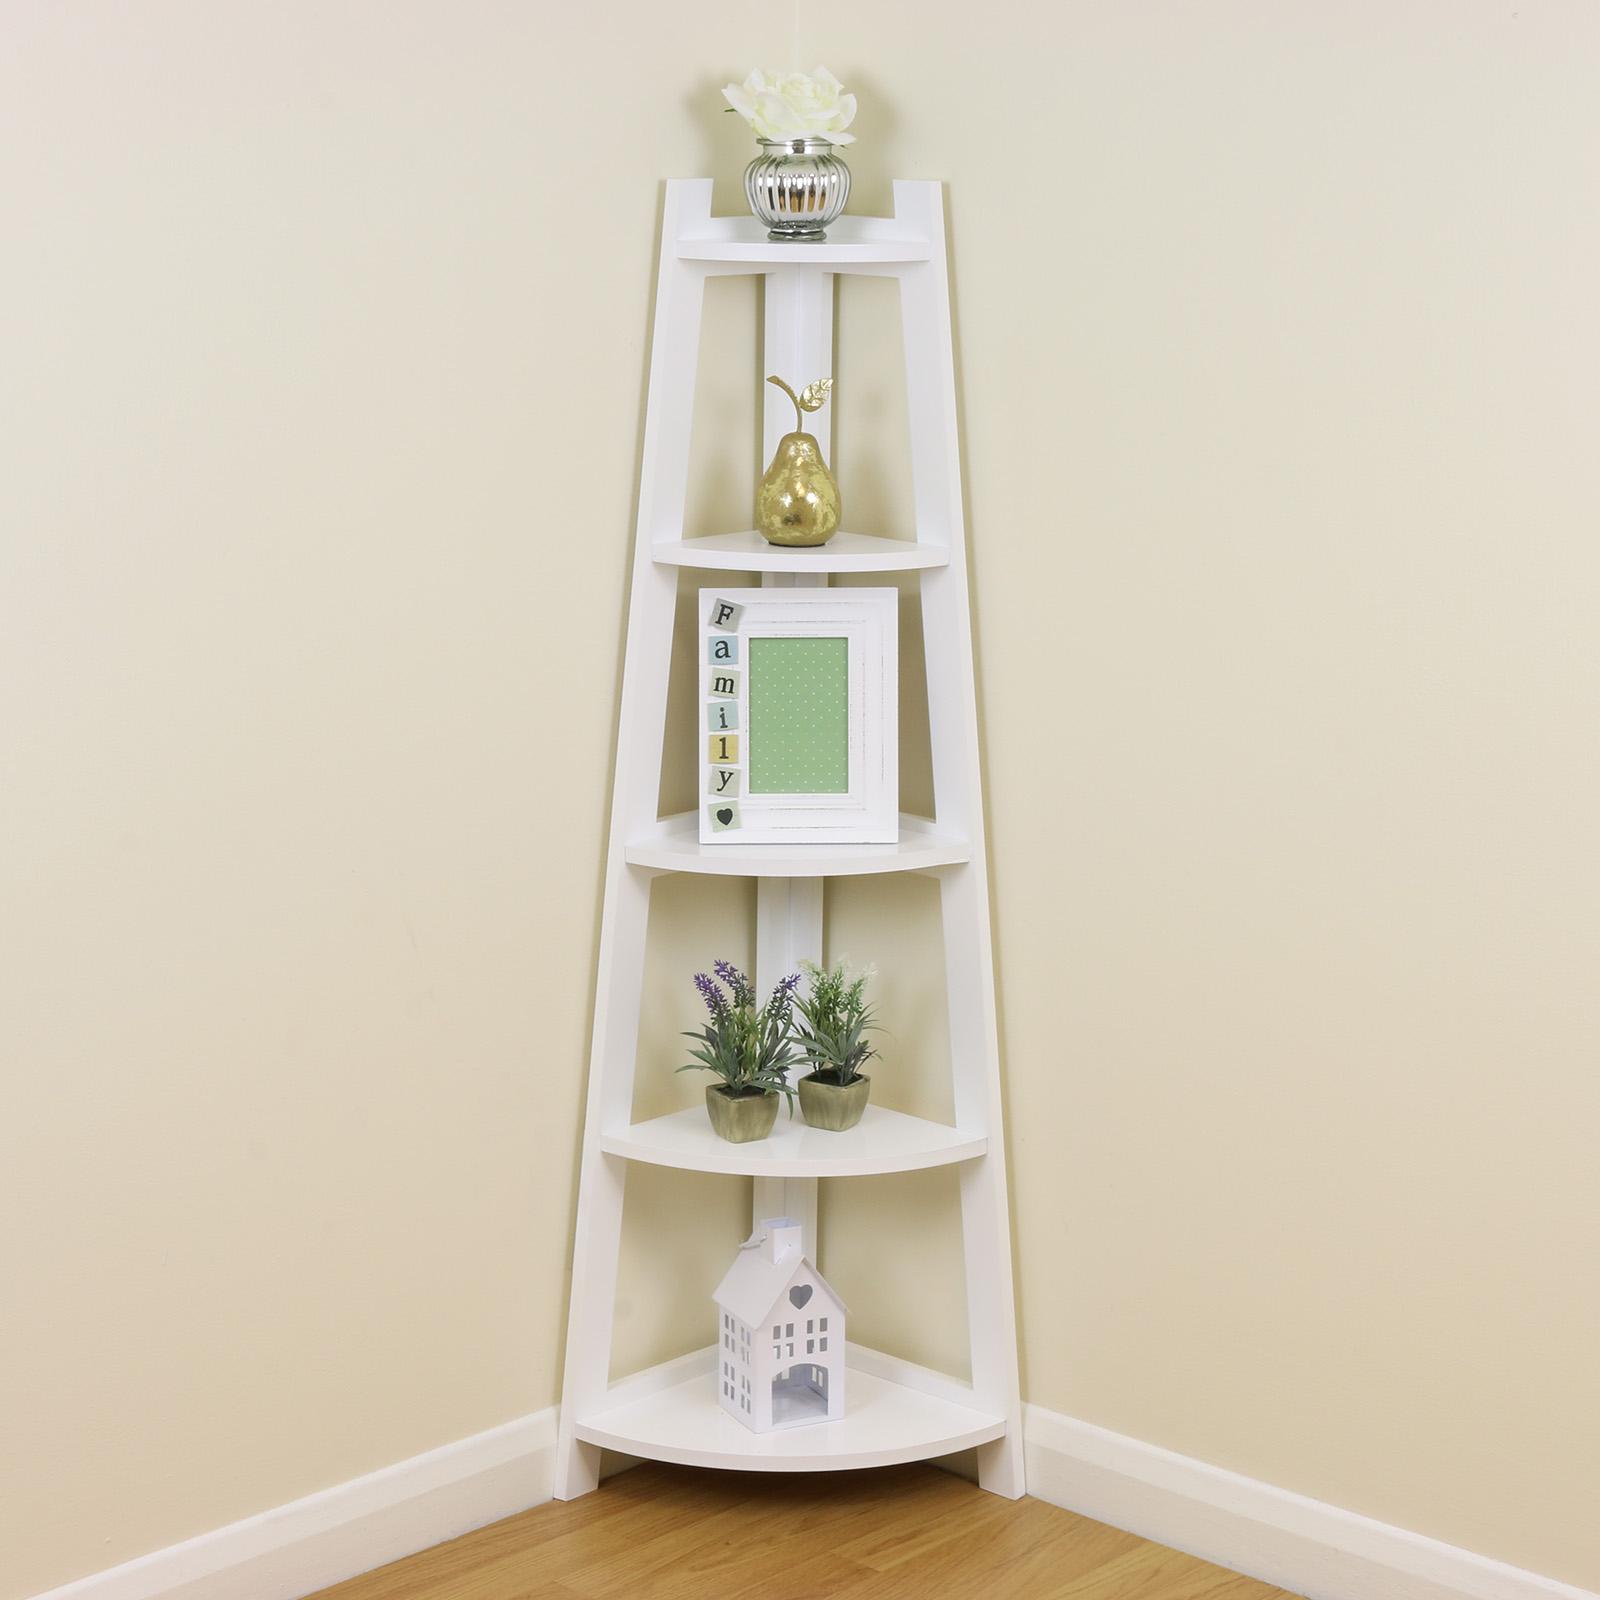 White 5 Tier Tall Corner ShelfShelving Unit Display Stand